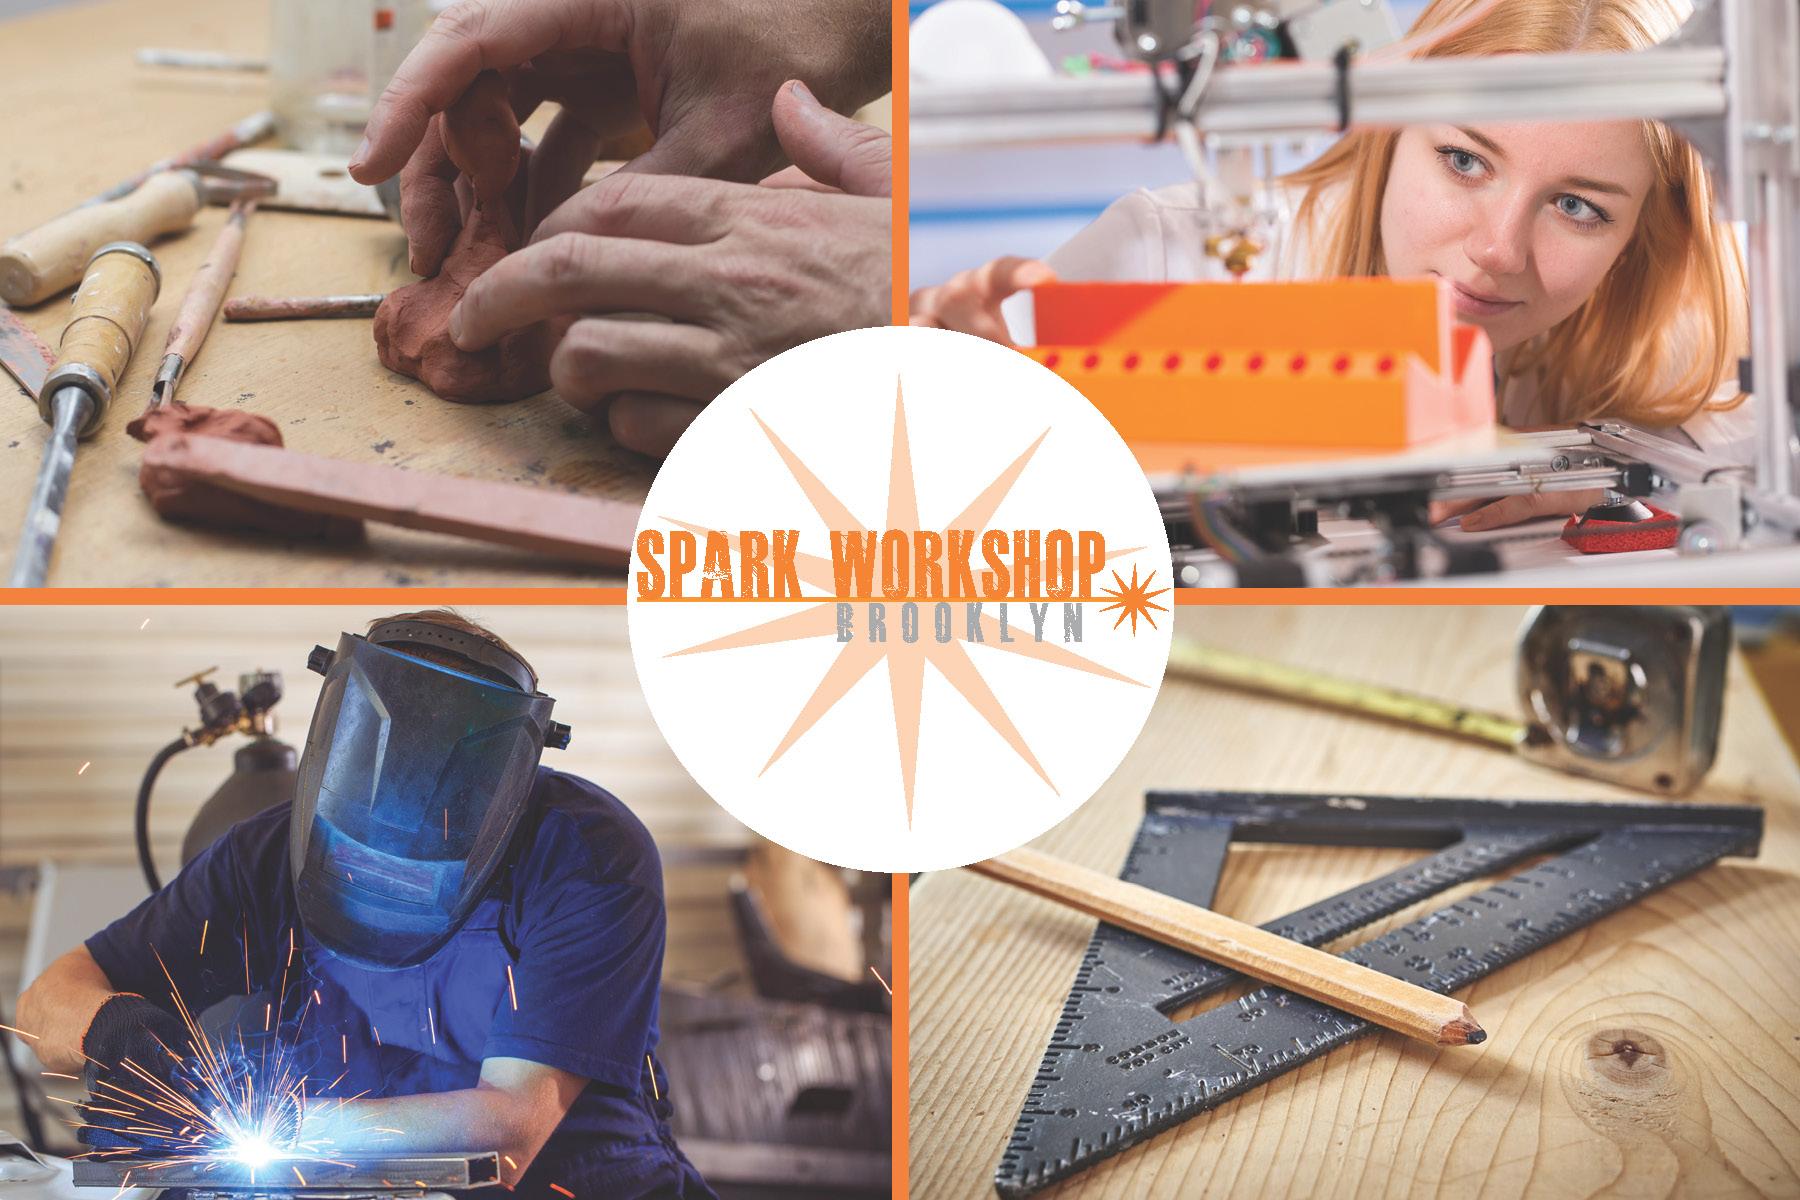 SPark Workshop Open Studios